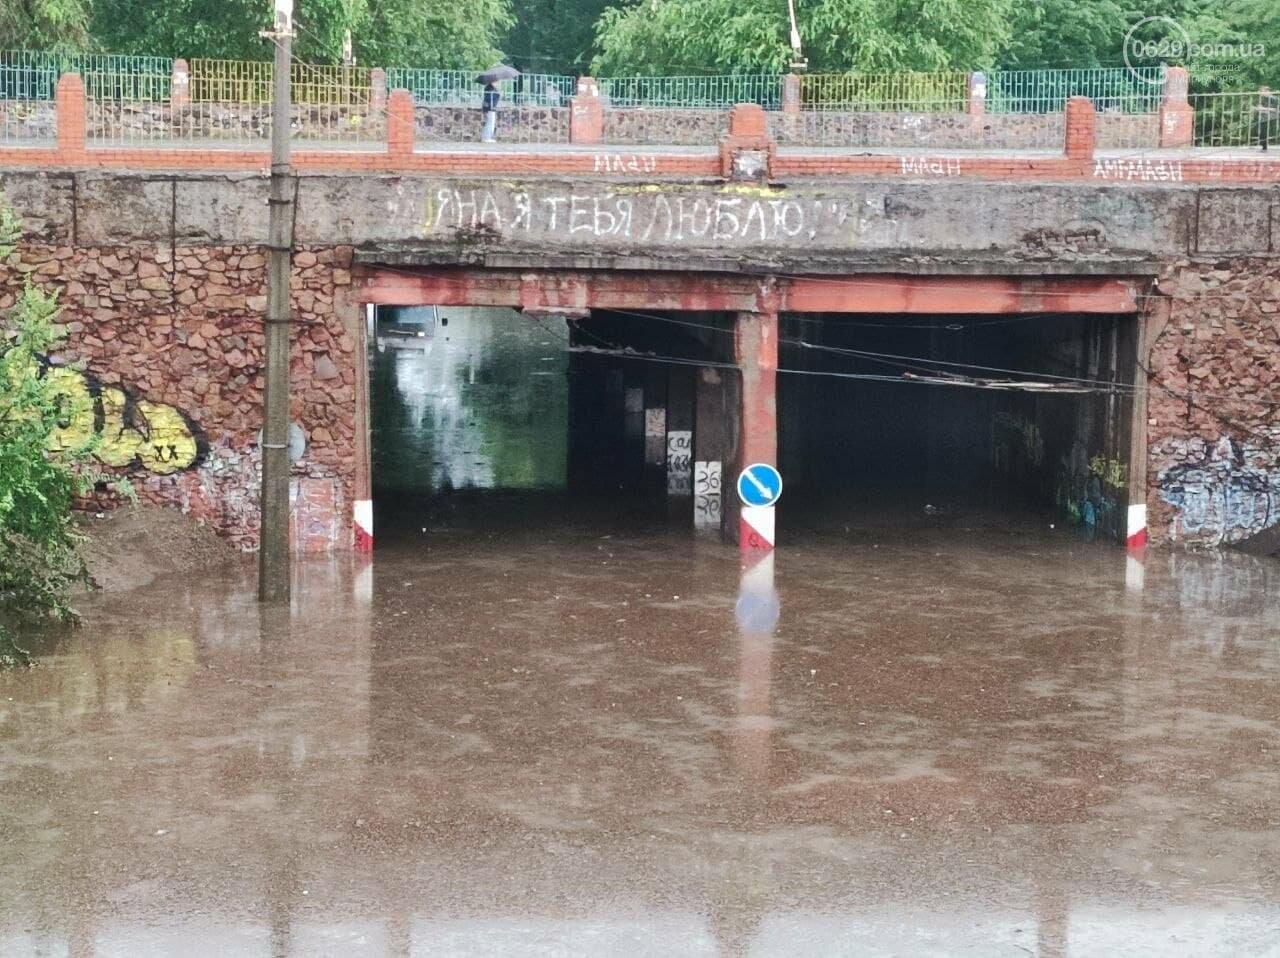 Потоп на улице Громовой. Водолазы опускаются на дно искусственного озера, - ФОТО, ВИДЕО, фото-3